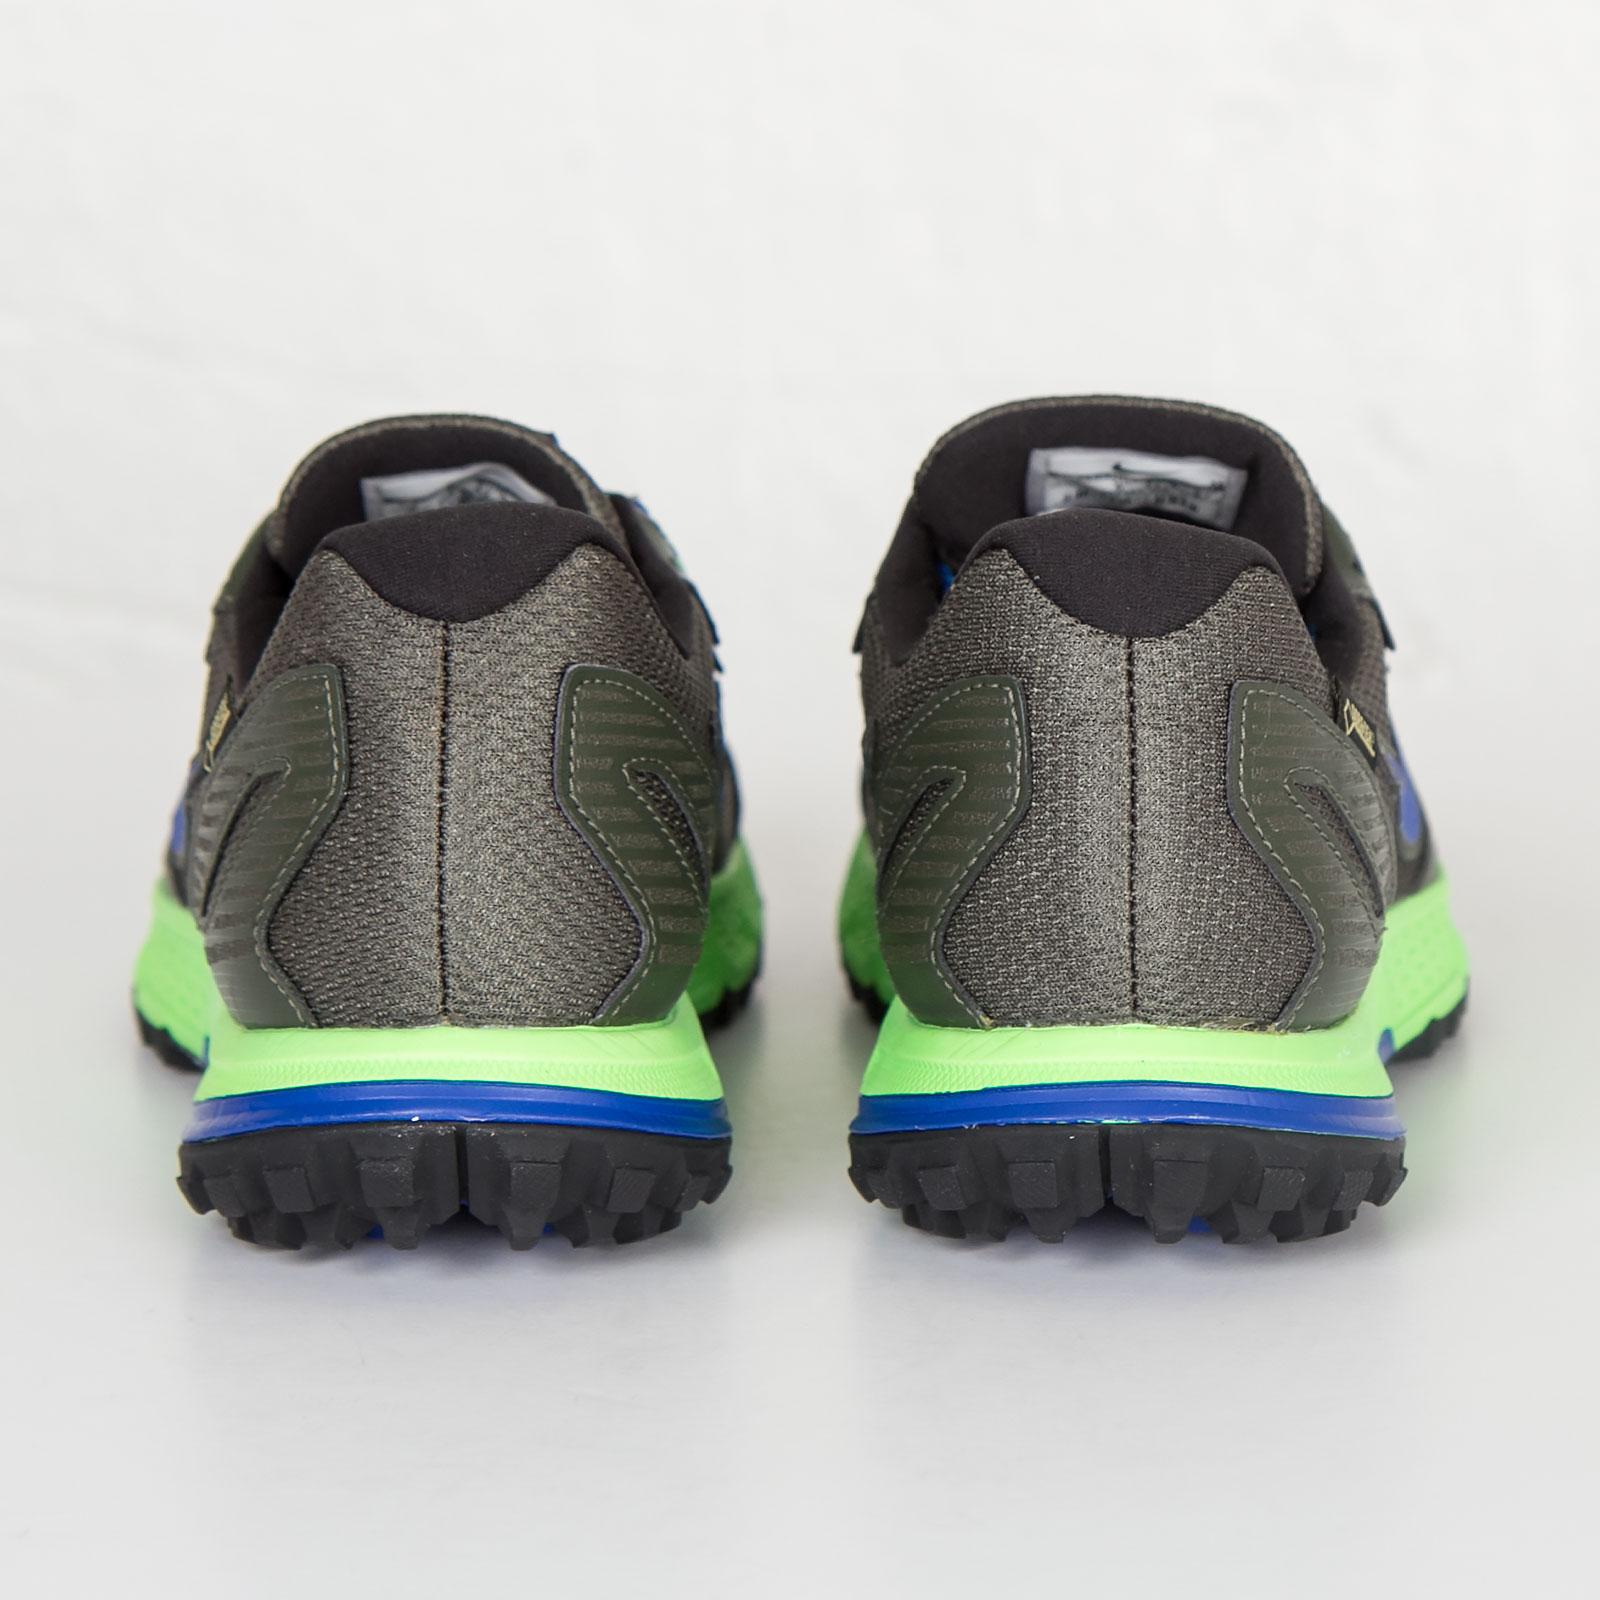 f37901cd4565 Nike Air Zoom Wildhorse 3 GTX - 805569-300 - Sneakersnstuff ...